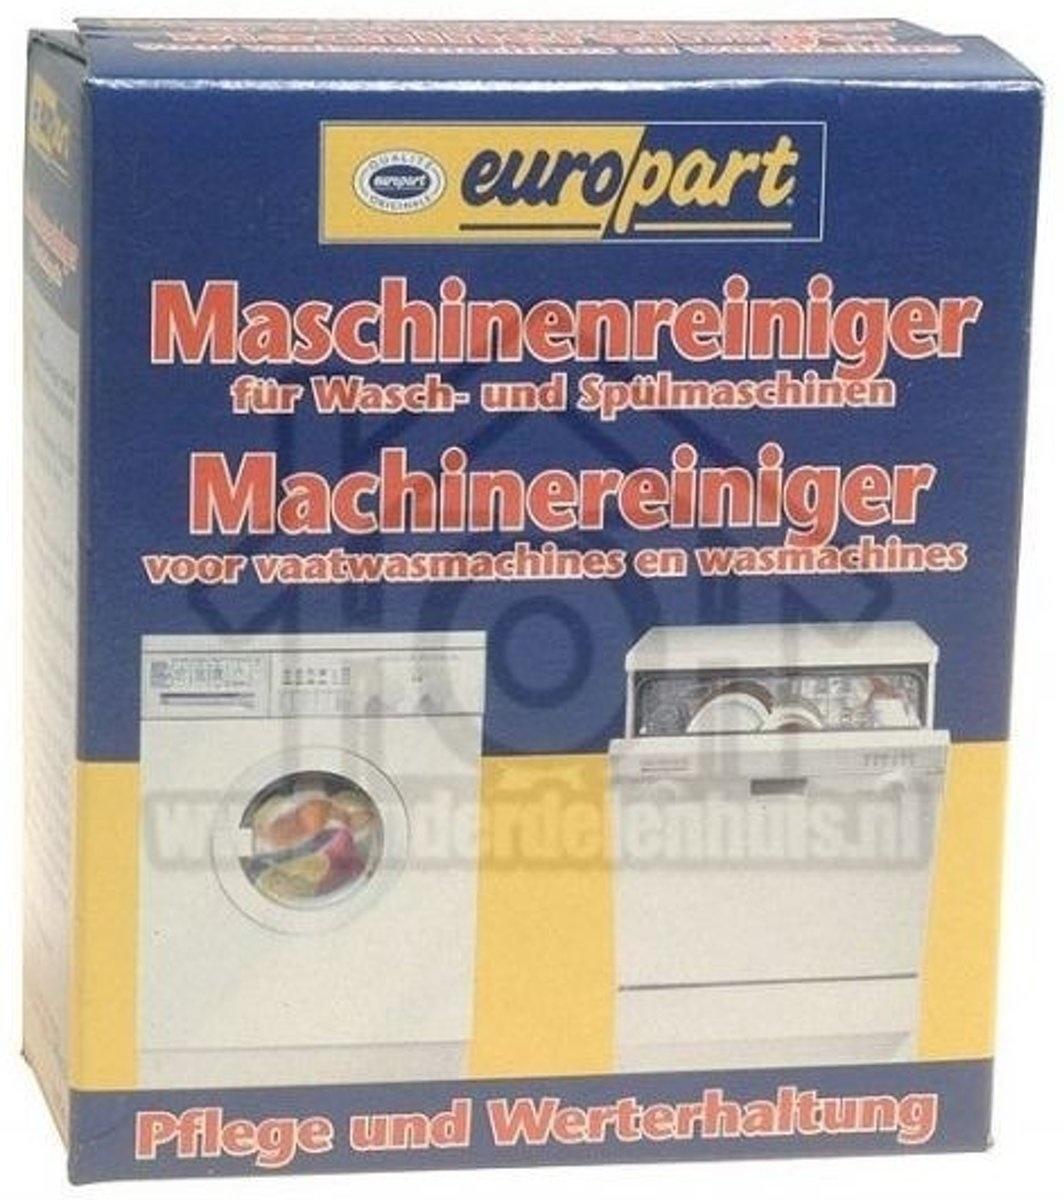 Europart Machinereiniger